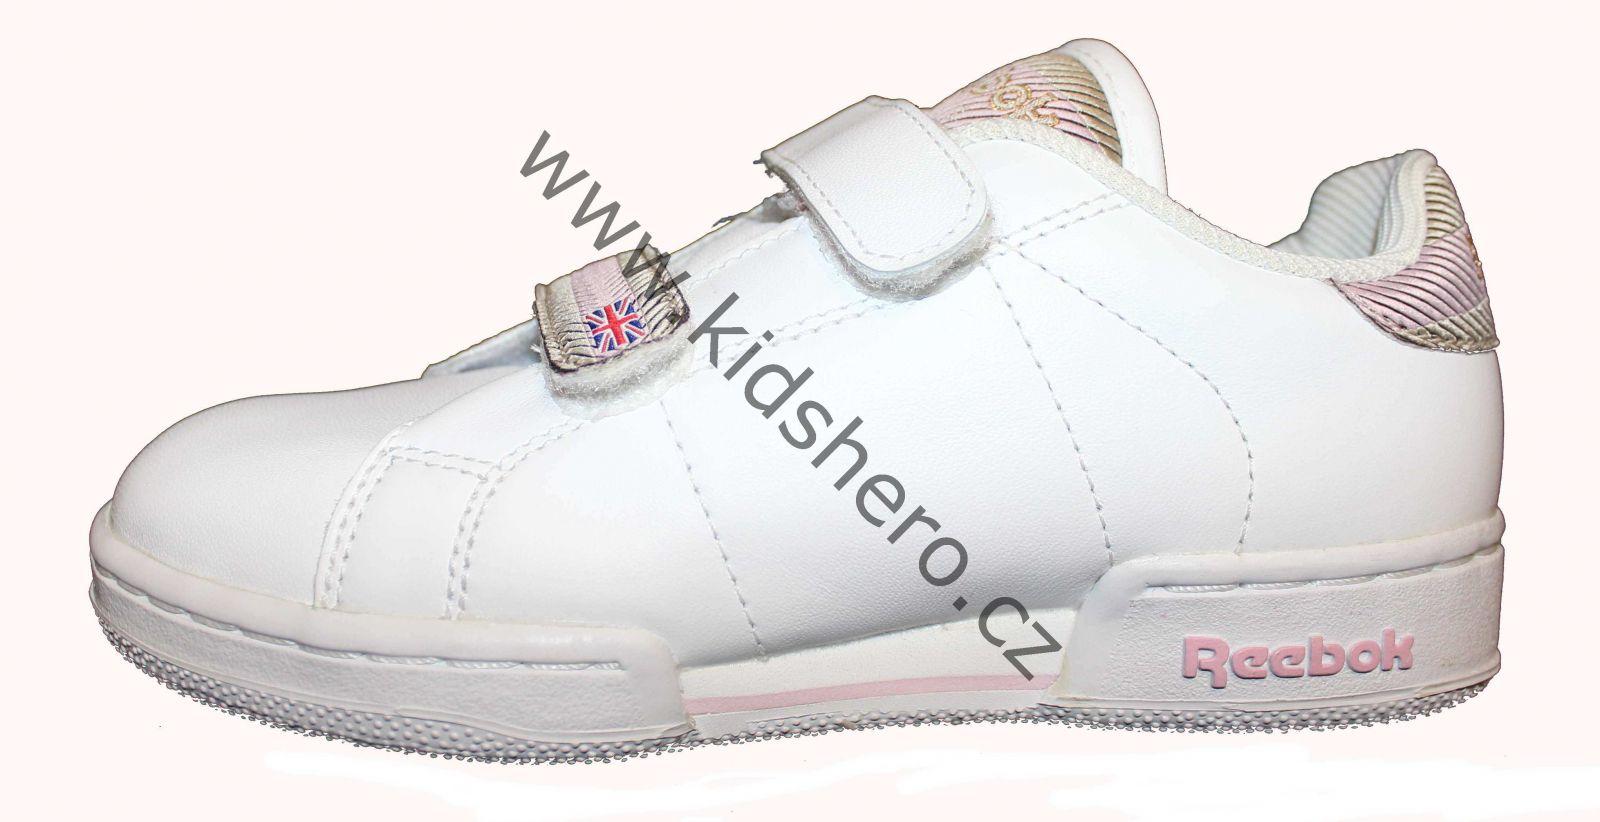 Dětské boty Reebok, dětské botasky